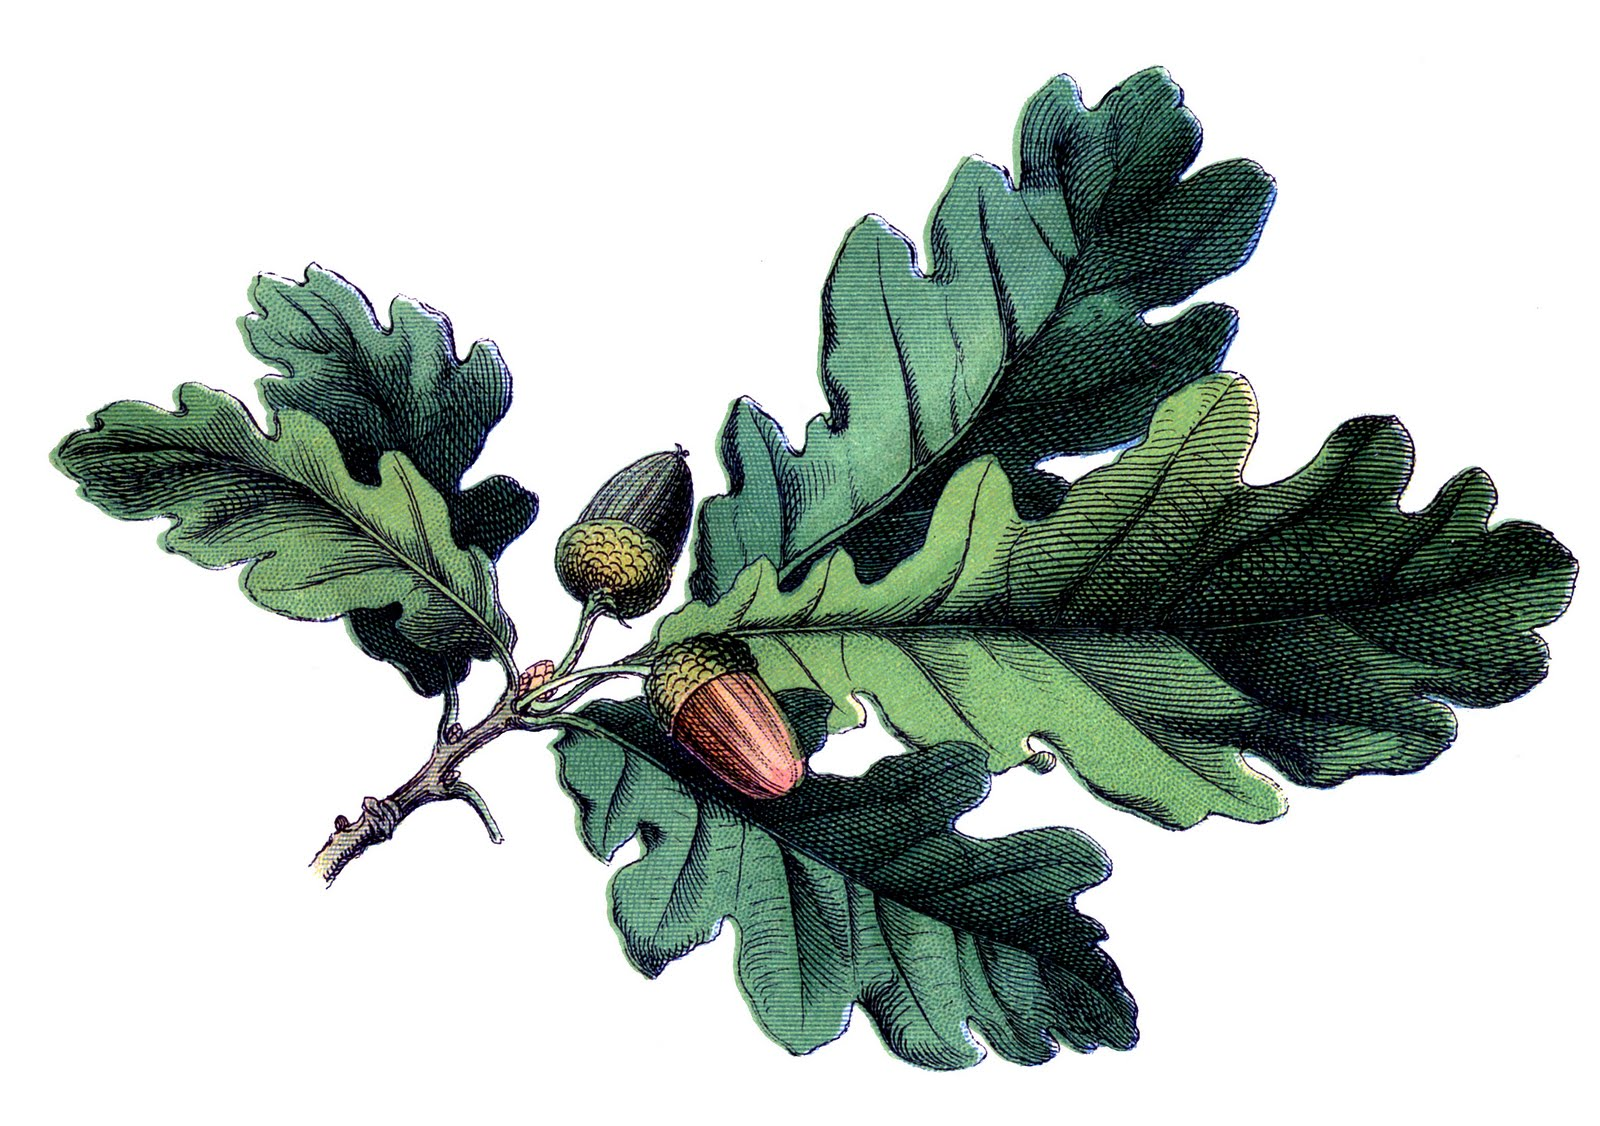 1600x1126 Antique Botanical Image